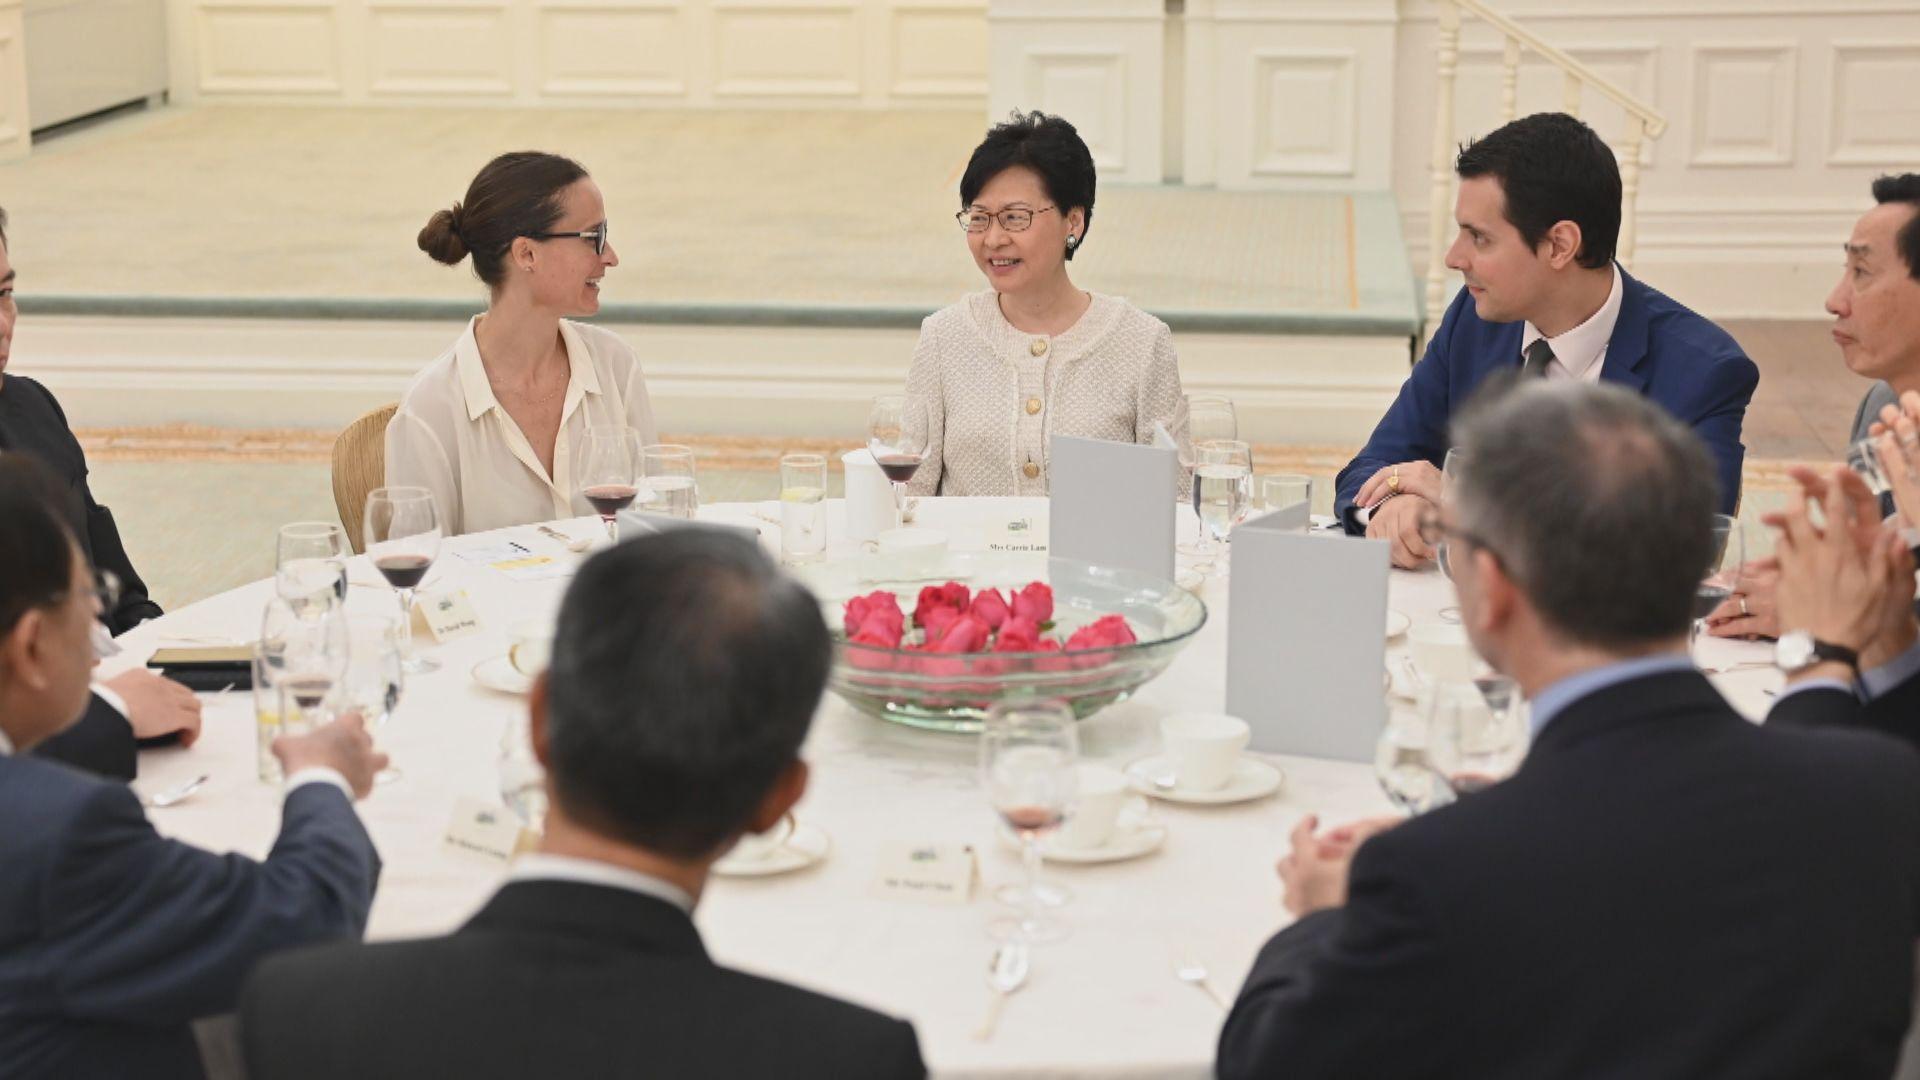 林鄭宴請商會代表 稱會盡力處理近期紛爭